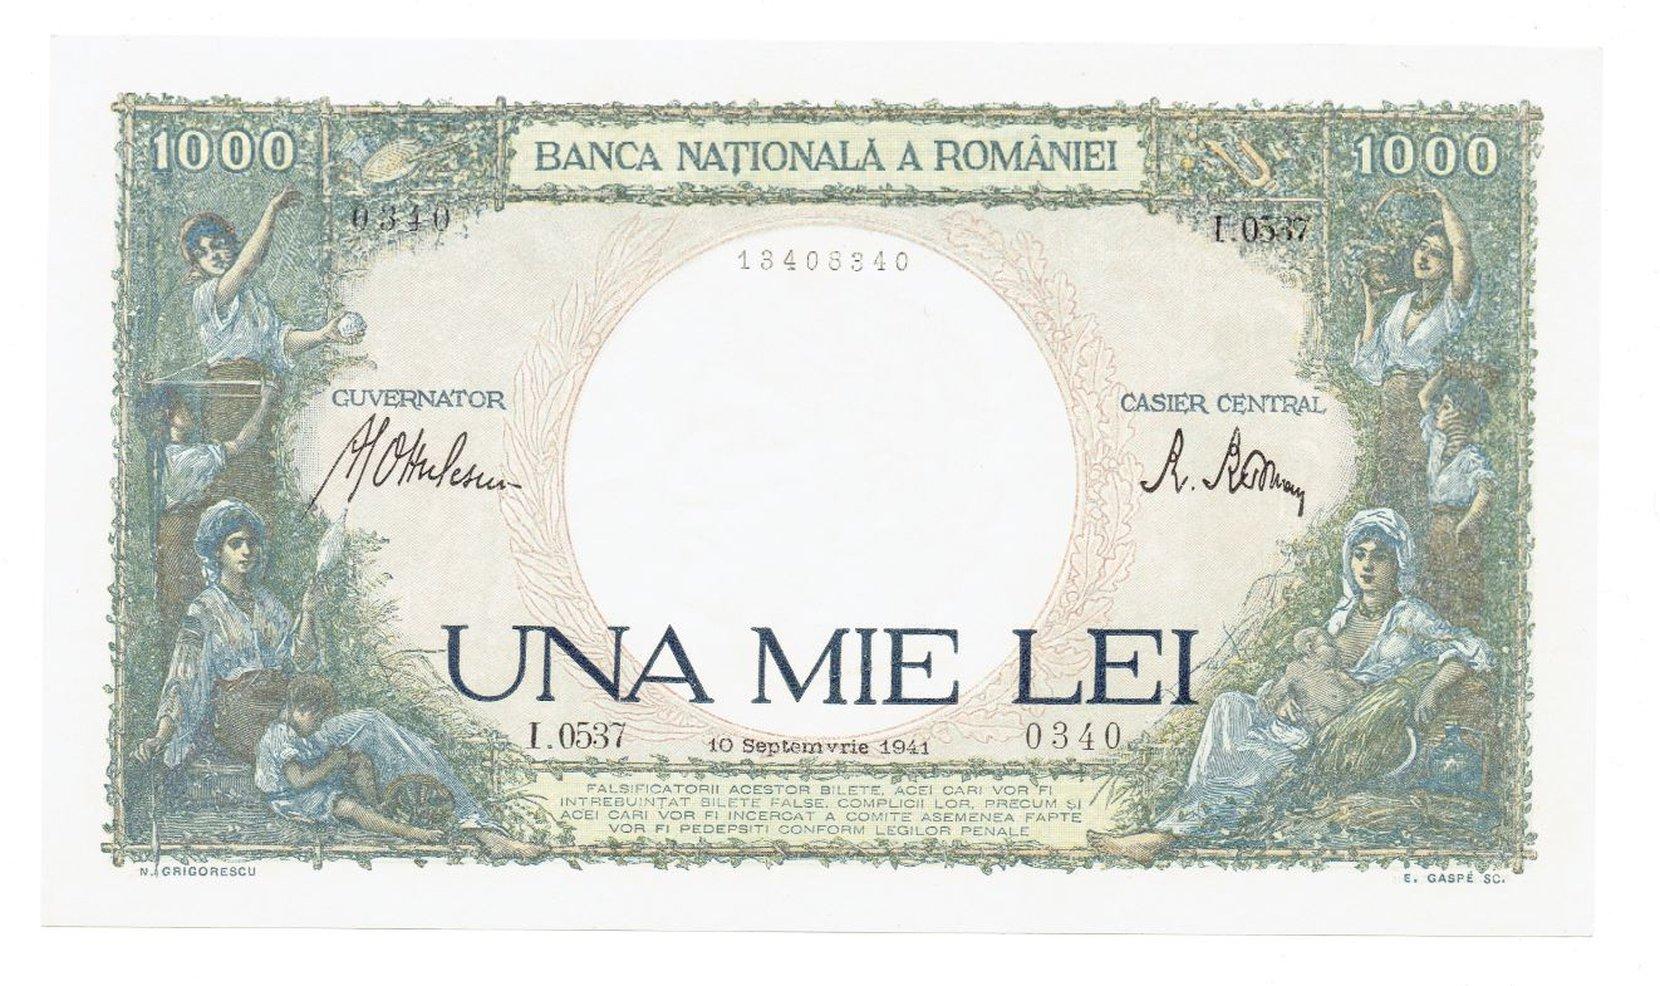 rumunia - 1000 lei, 1941r. unc numismatics banknotes